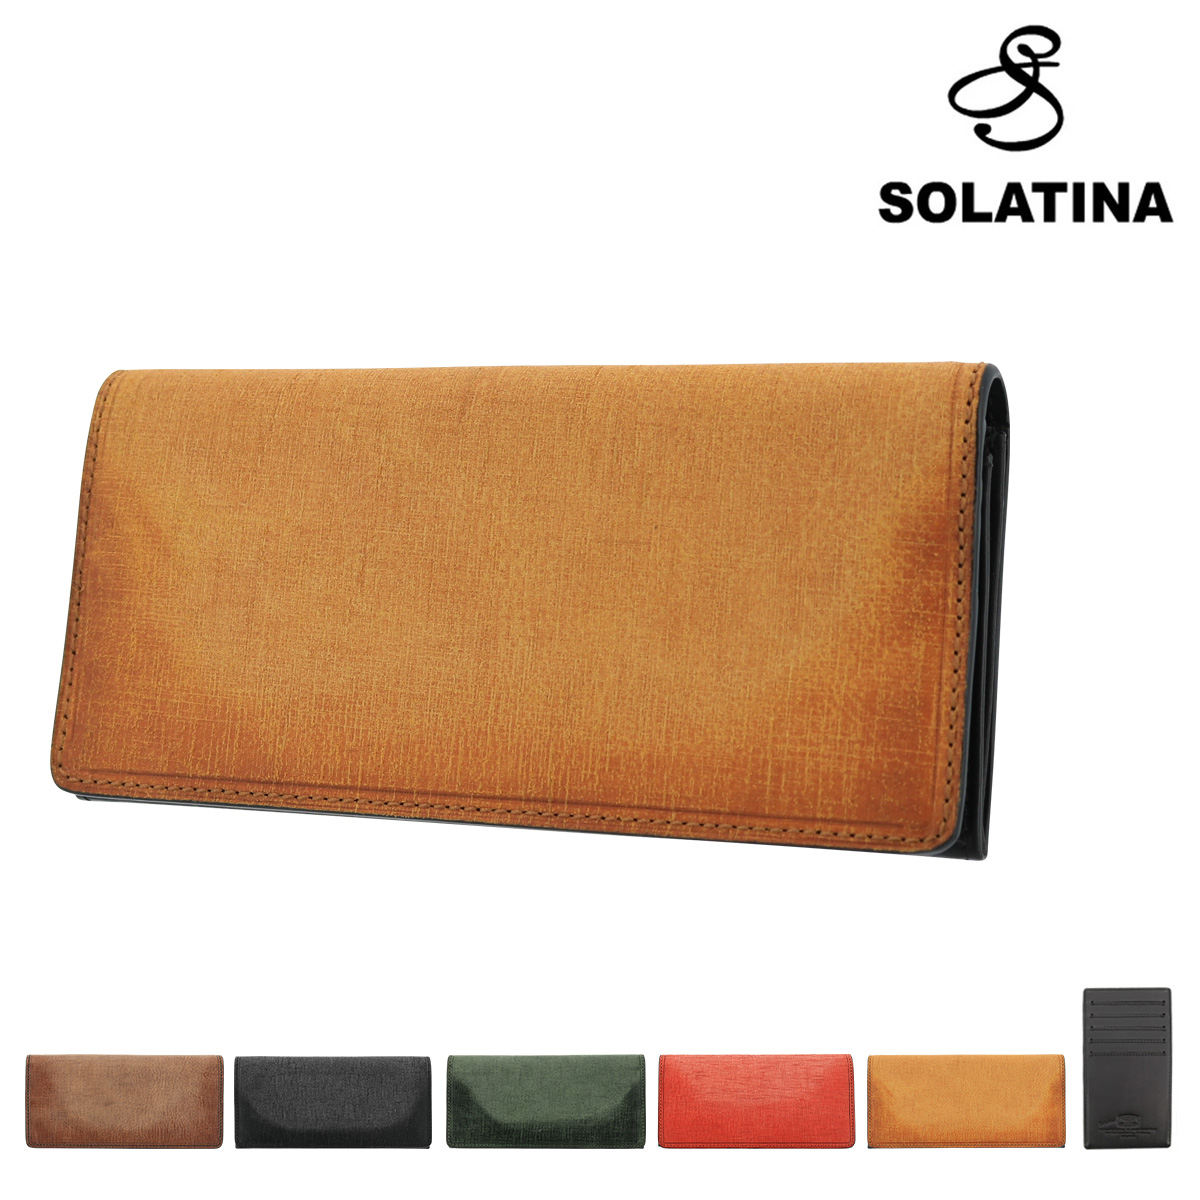 ソラチナ 長財布 バベル メンズ SW-70011 SOLATINA | 本革 イタリアンレザー カーフ カードケース付 ブランド専用BOX付き [bef]